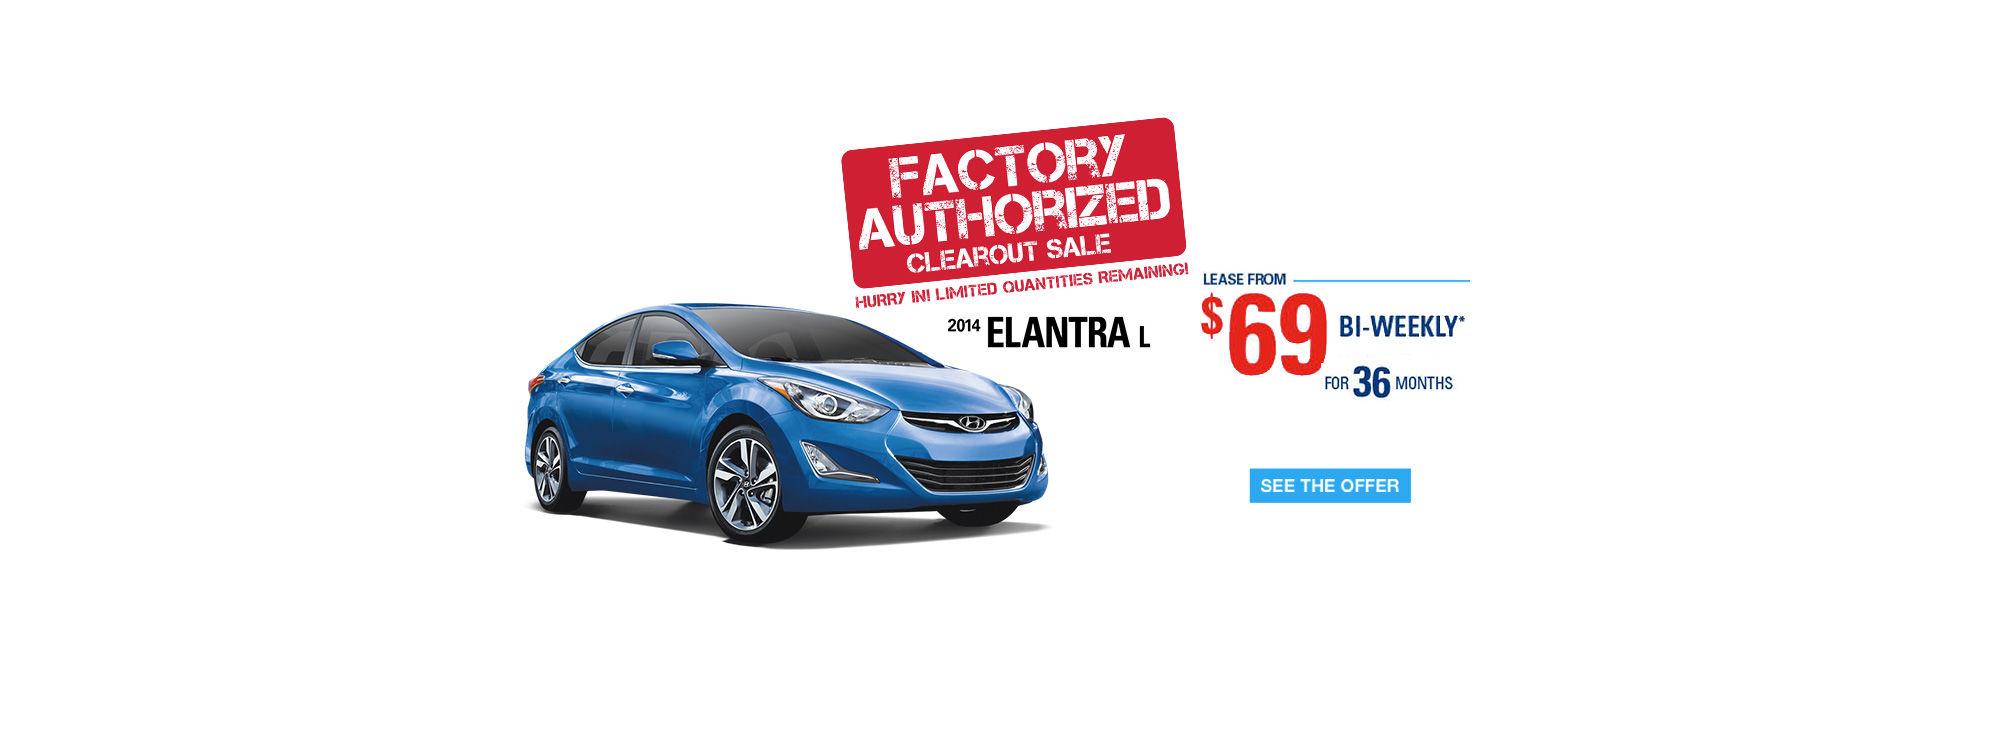 Elantra - Authorized Factory